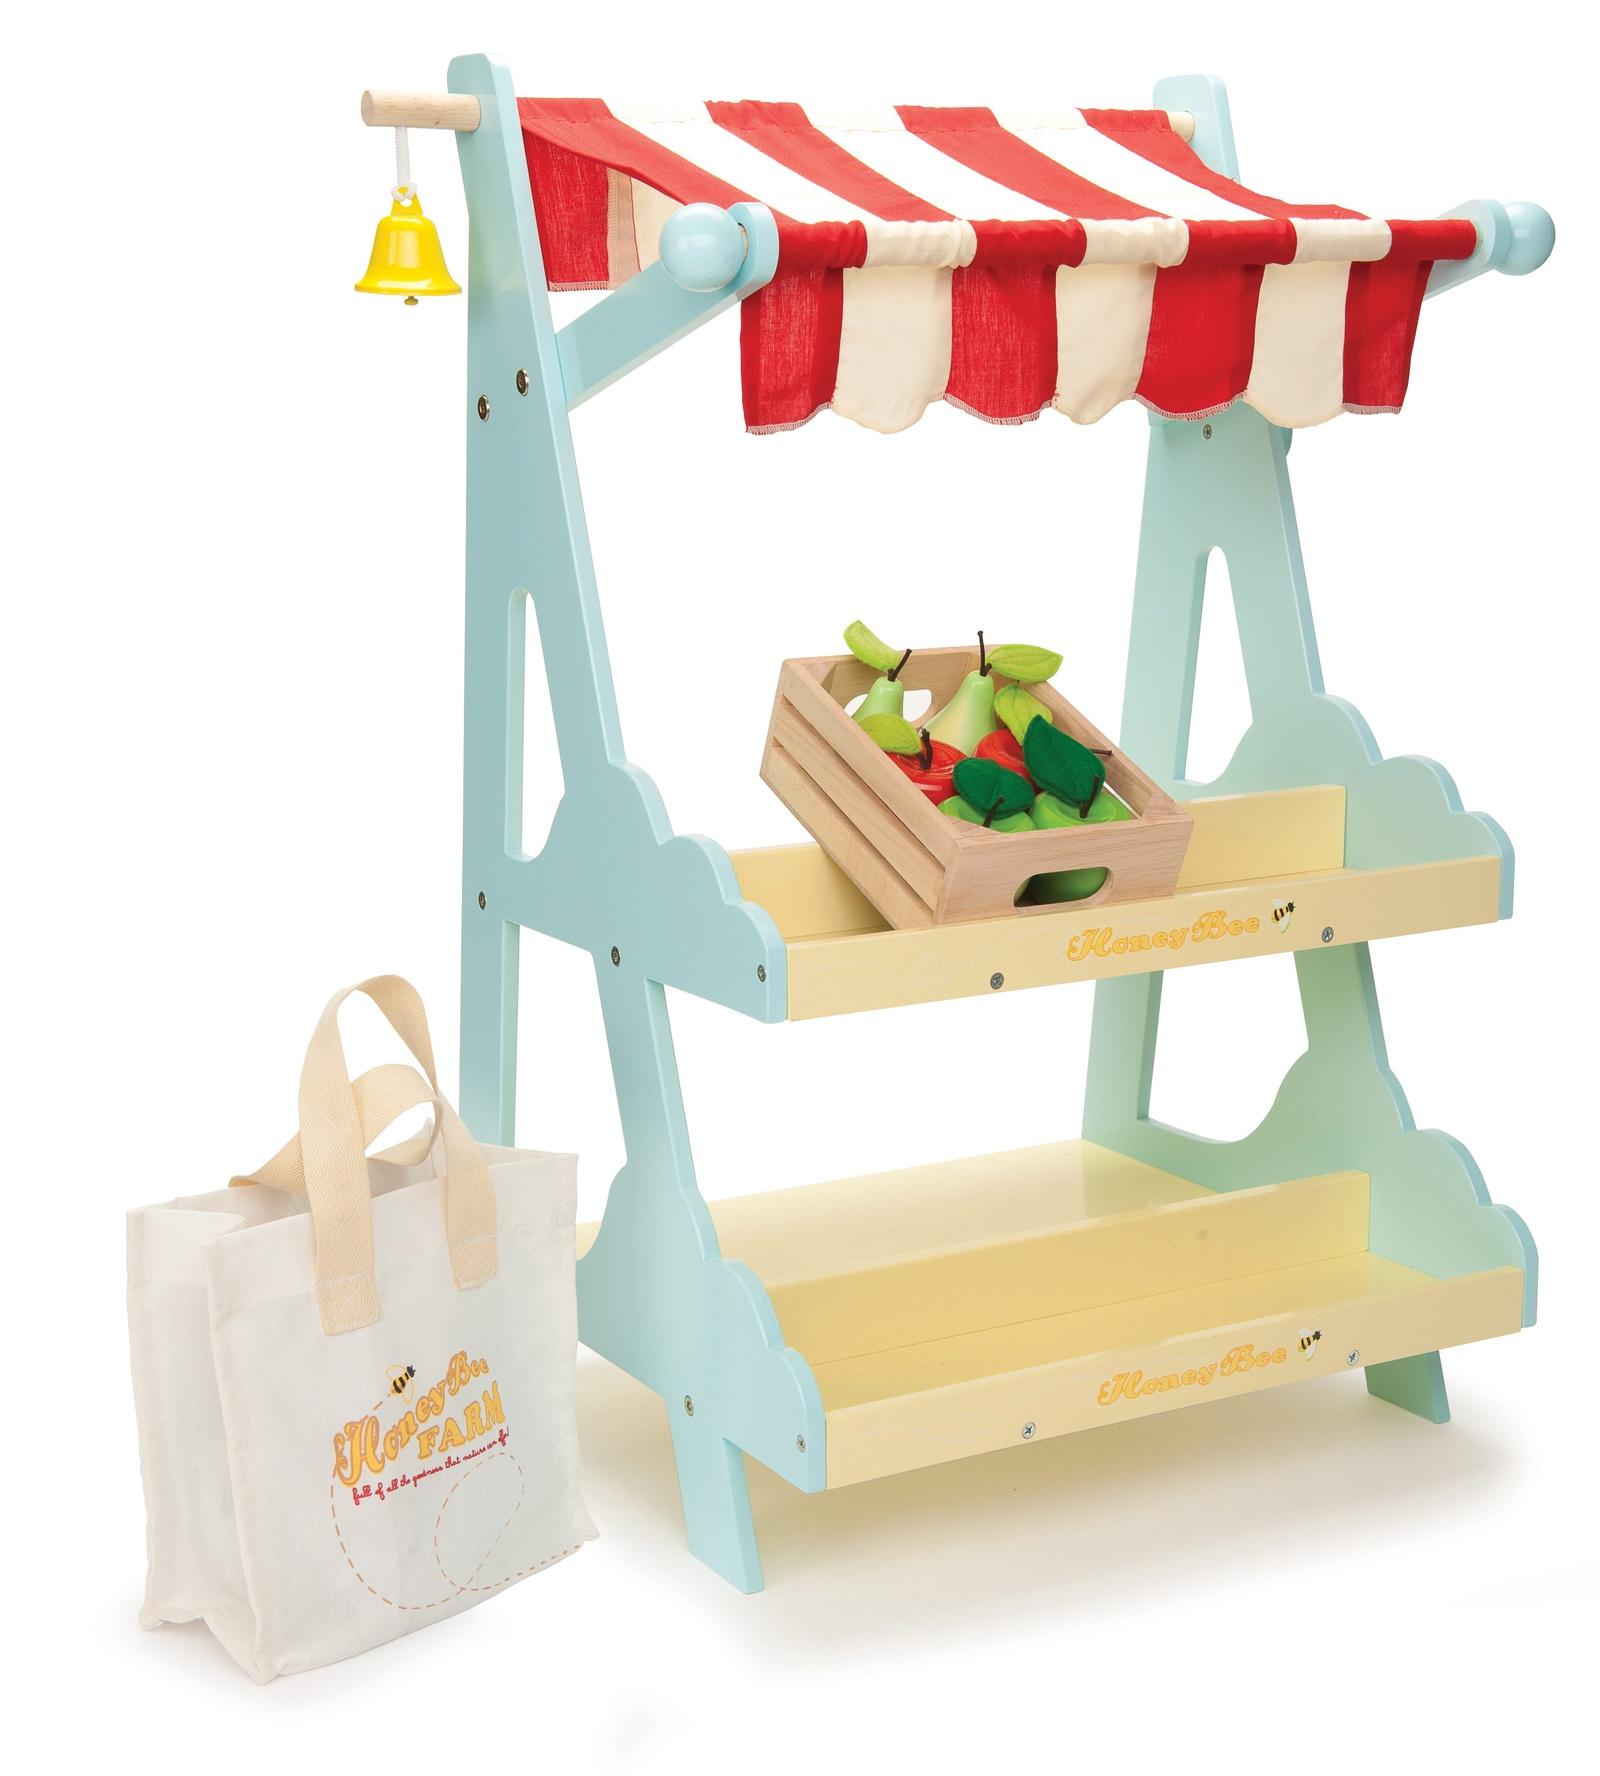 цена на Сюжетно-ролевые игрушки Le Toy Van Магазин с ящиком и сумкой голубой